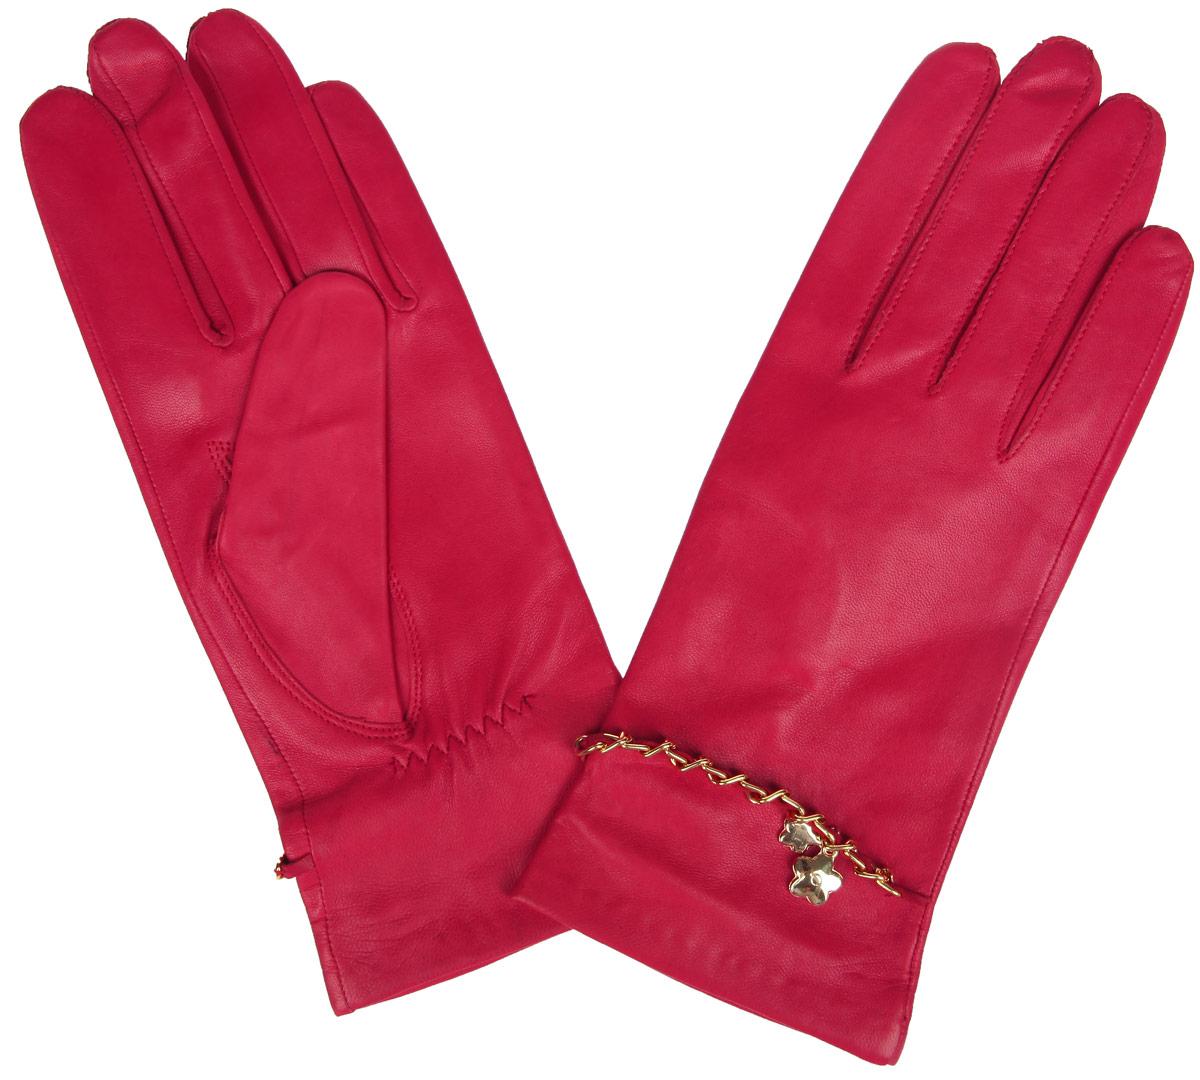 Перчатки женские Eleganzza, цвет: красный. HP294. Размер 6,5HP294Стильные женские перчатки Eleganzza не только защитят ваши руки от холода, но и станут великолепным украшением. Перчатки выполнены из натуральной кожи ягненка на шелковой подкладке. На тыльной стороне имеется небольшая сборка резинкой для того, чтобы перчатки лучше сидели. Оформлено изделие цепочкой, переплетенной с кожаным ремешком и украшенной подвеской в виде цветочков.В настоящее время перчатки являются неотъемлемой принадлежностью одежды, вместе с этим аксессуаром вы обретаете женственность и элегантность. Перчатки станут завершающим и подчеркивающим элементом вашего стиля и неповторимости.